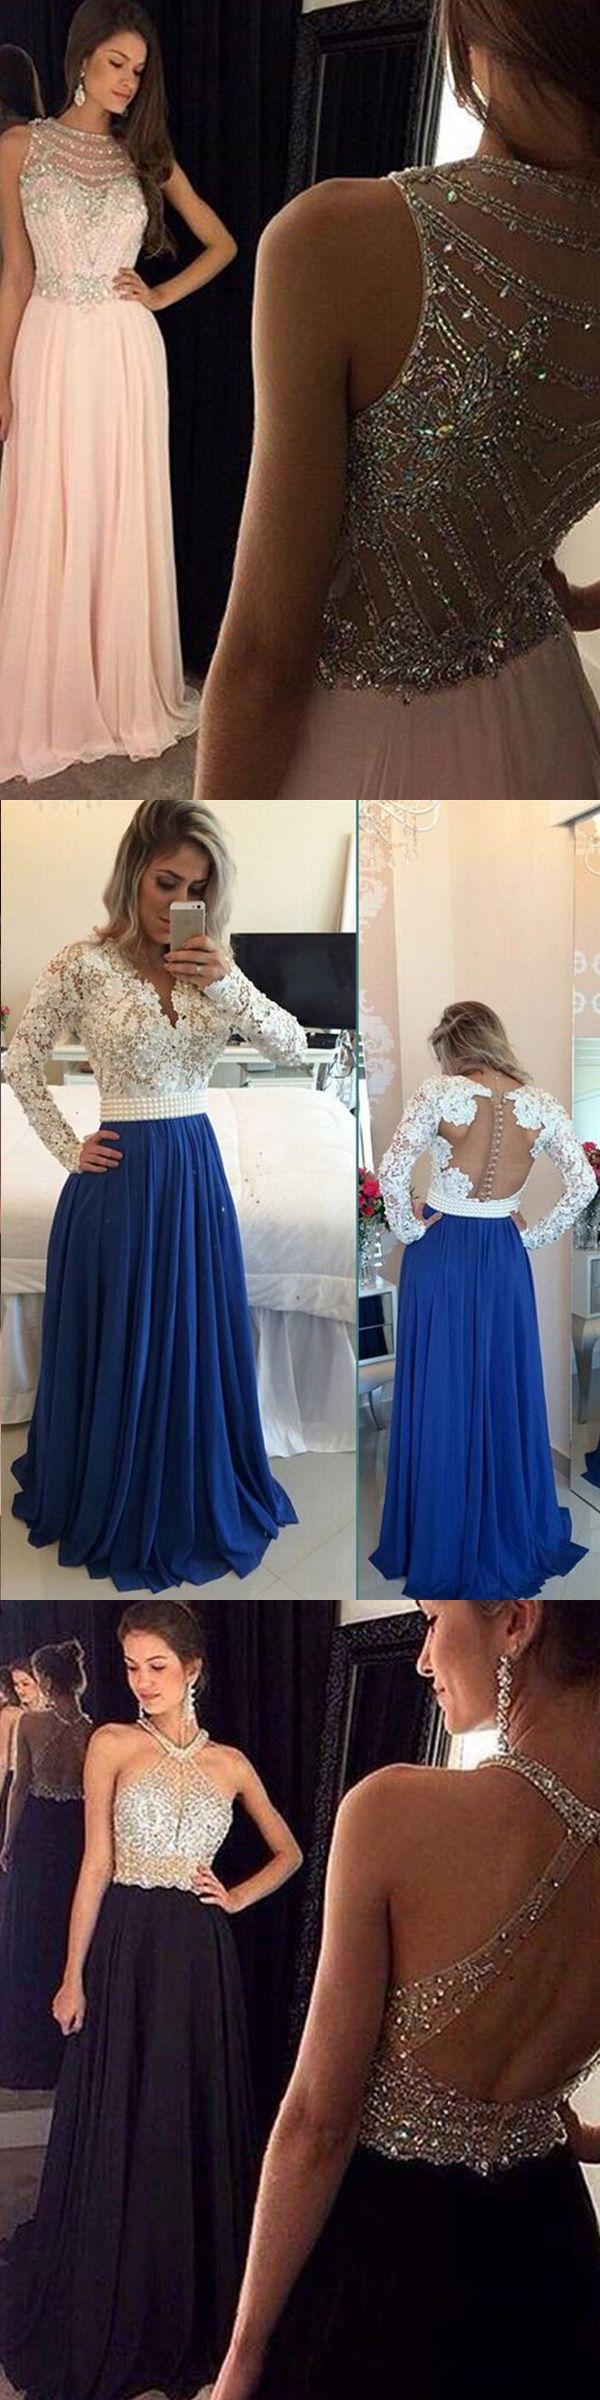 Blue & white lace